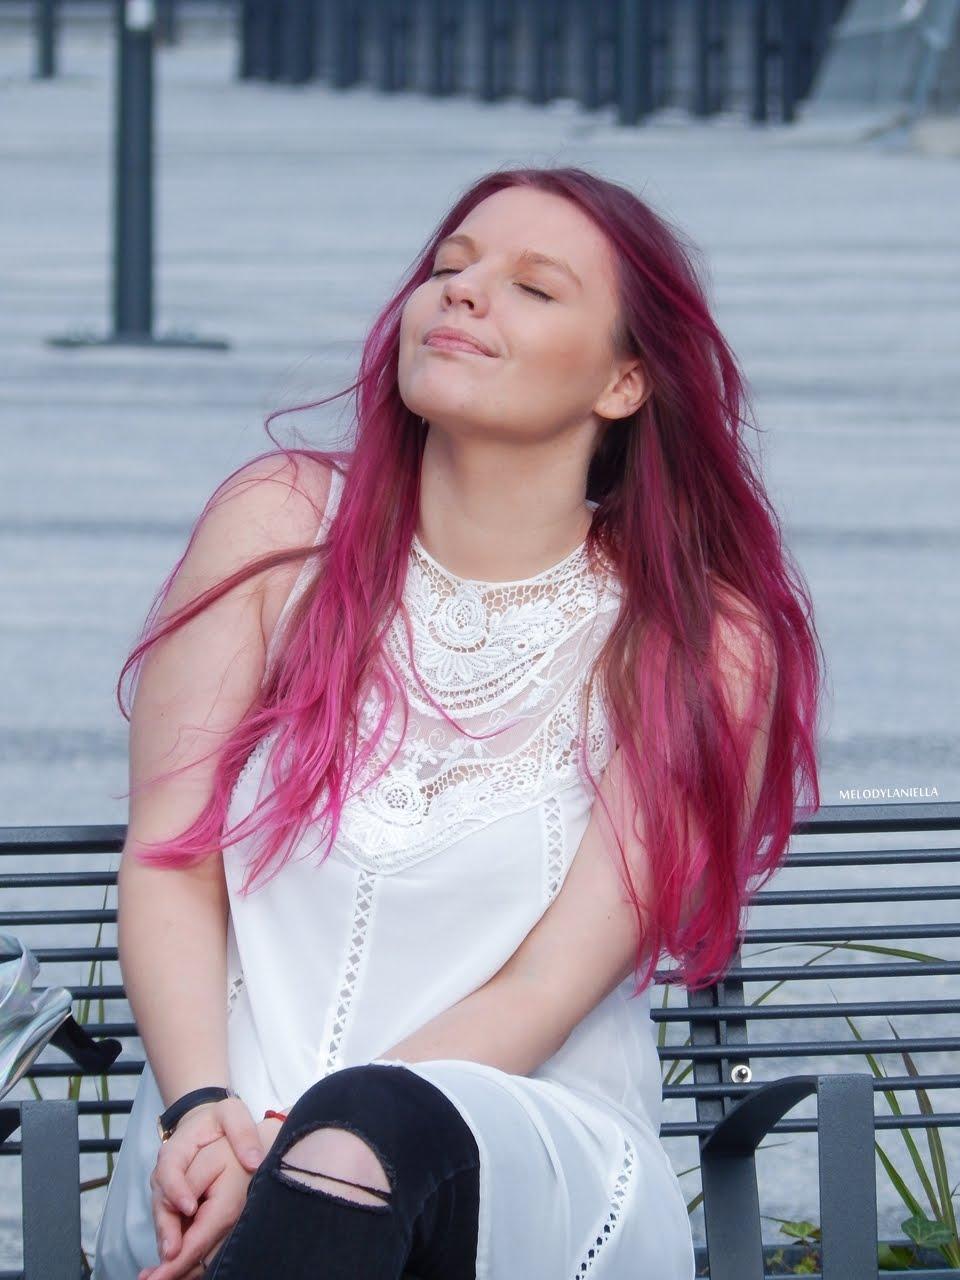 15 holograficzny plecak betterlook.pl farby venita różowe włosy jak pofarbować włosy kolorowe włosy ombre pink hair paul rich watches zegarek czarne jeansy z dziurami modna polka lookbook